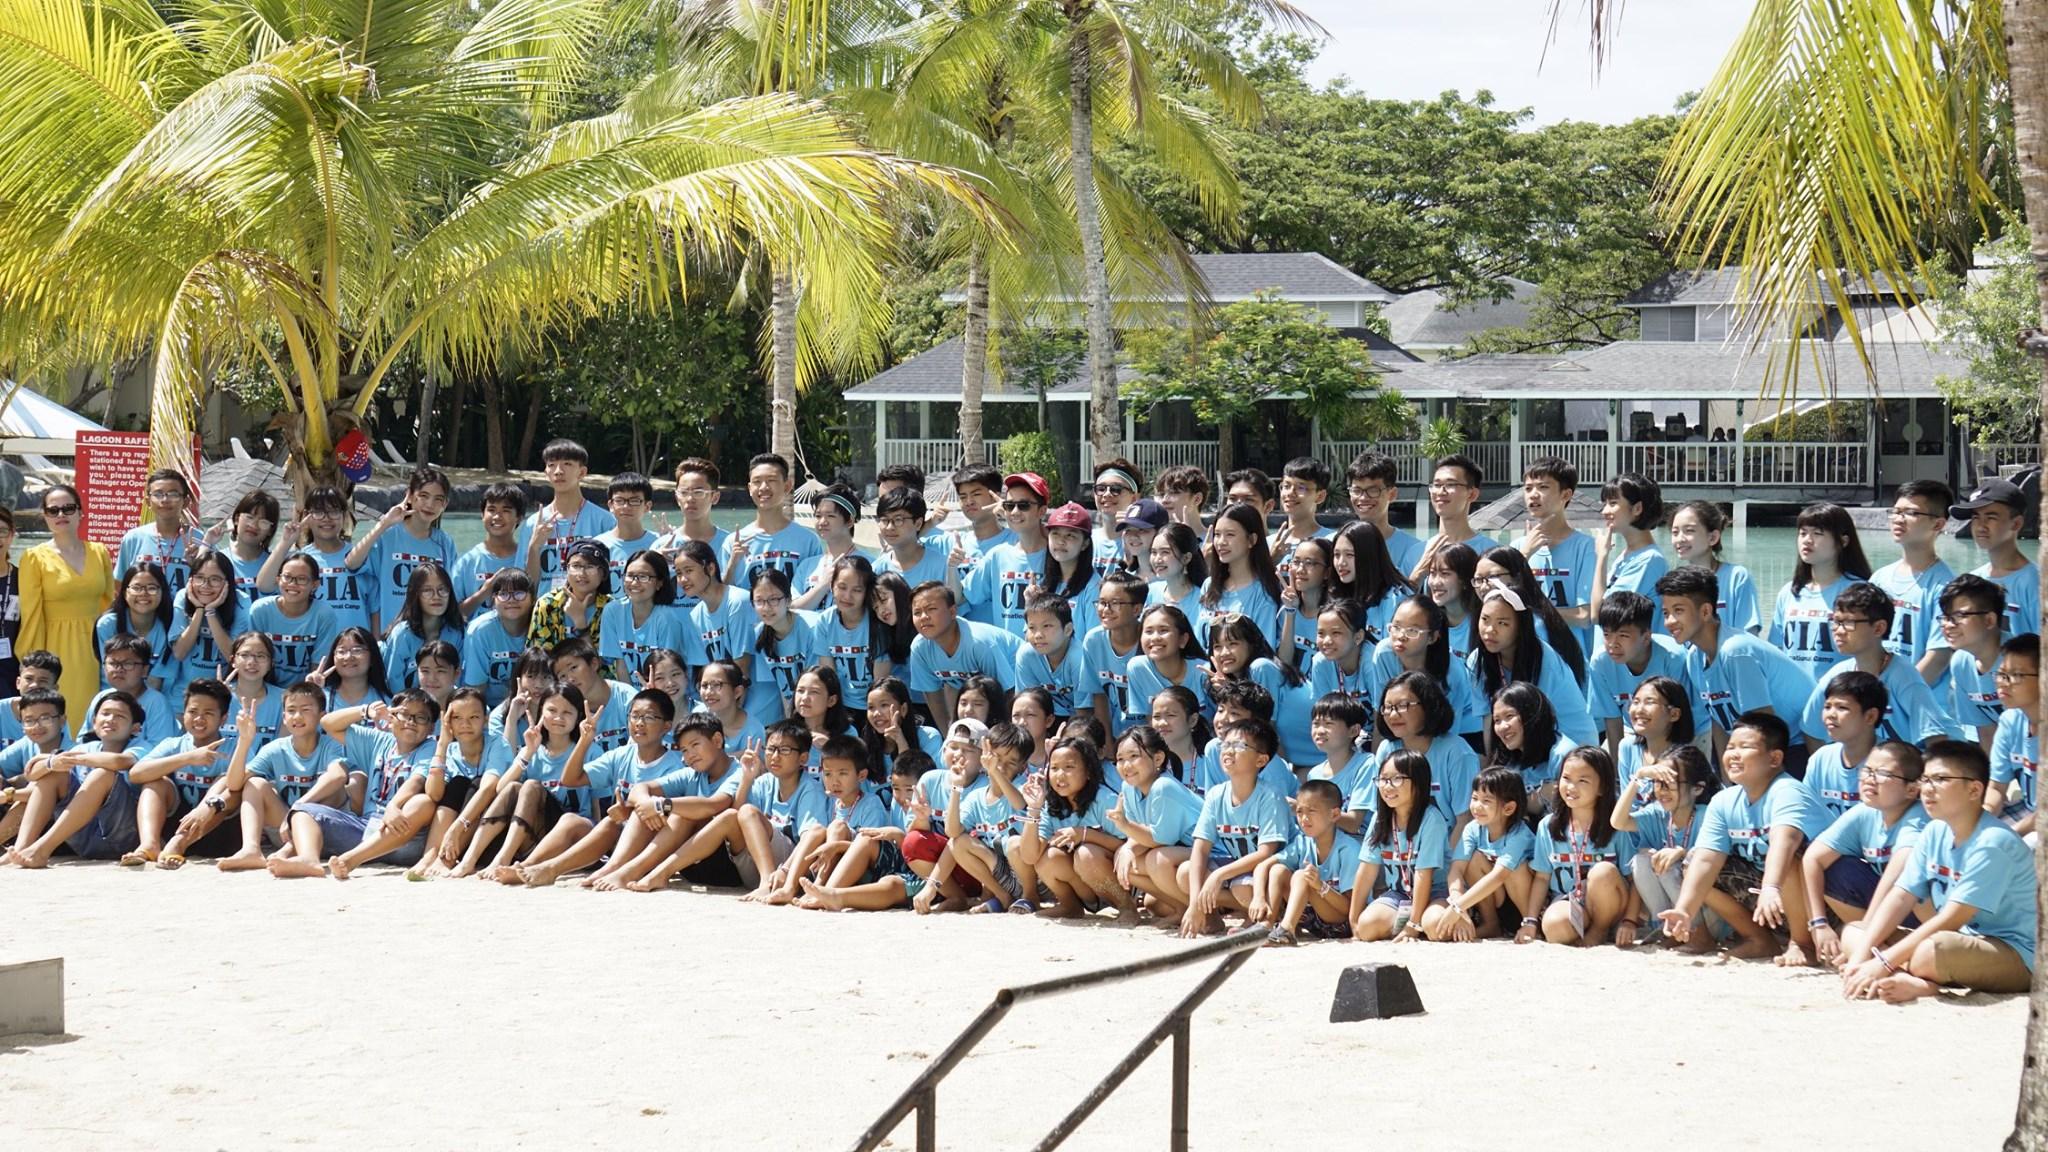 5 Những điểm nổi bật của trại hè tiếng Anh Philippines 2020